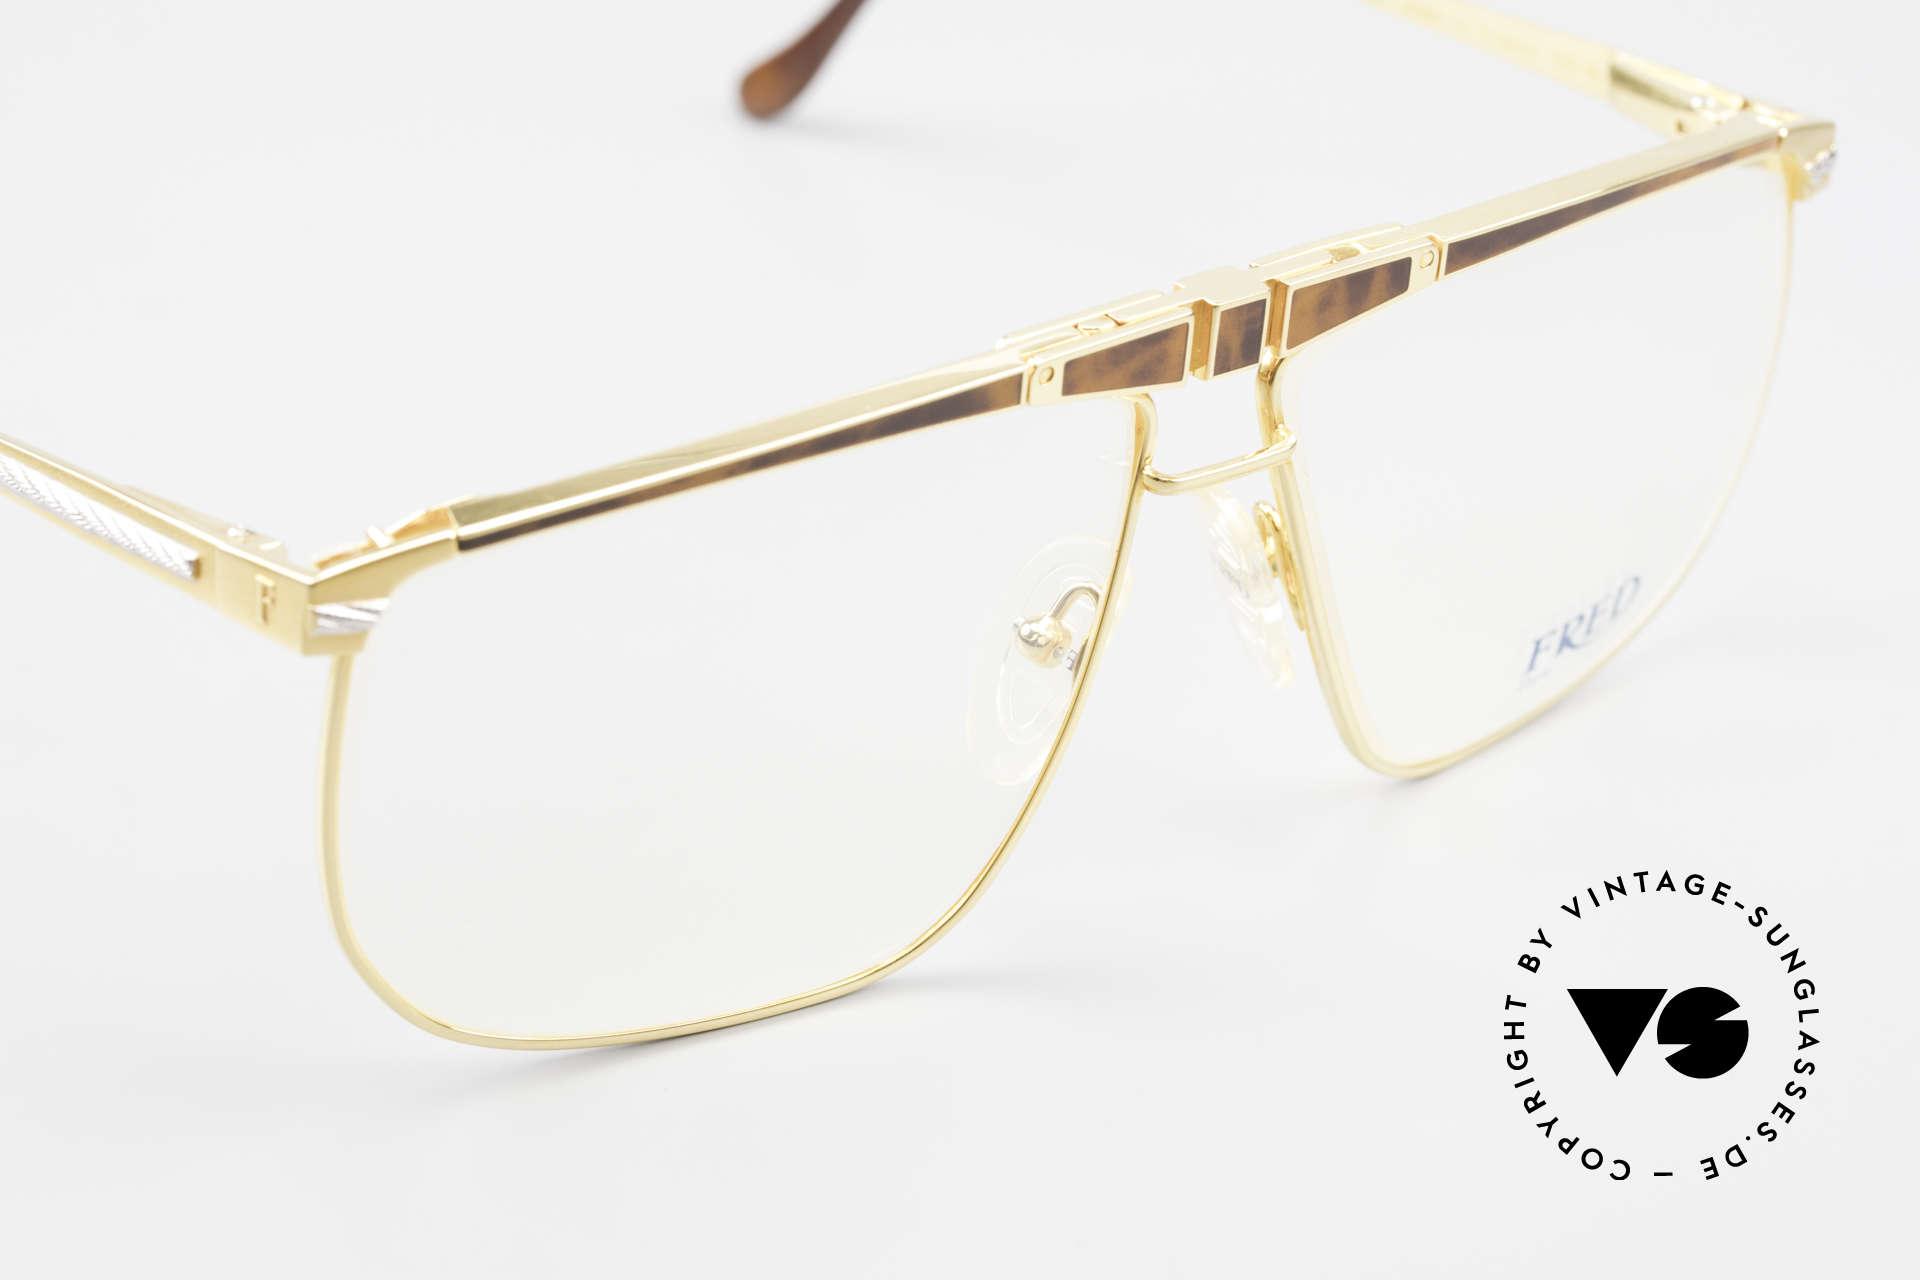 Fred Ocean Luxusbrille Herren Vergoldet, ungetragenes altes 90er ORIGINAL & keine Retrobrille, Passend für Herren